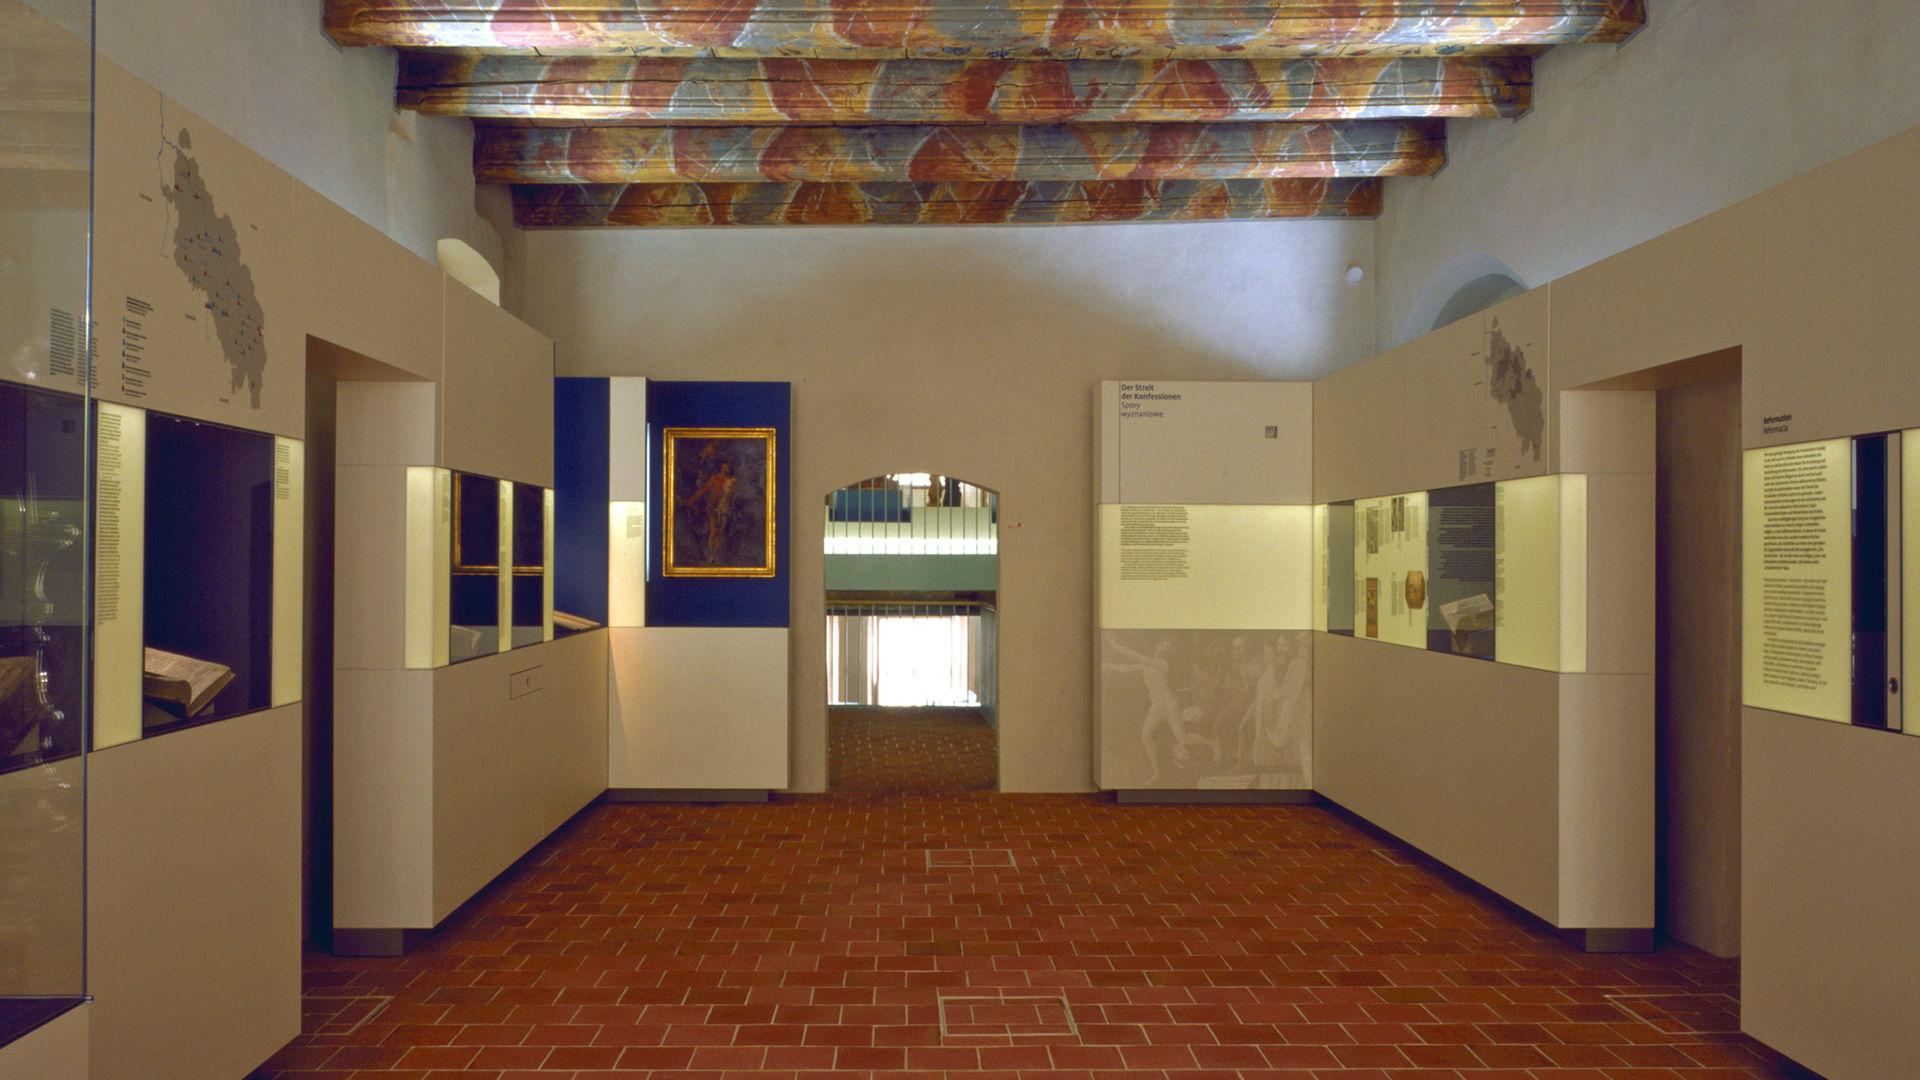 schlesisches museum zu g rlitz oberlausitz dampfbahn On zimmervermittlung busum